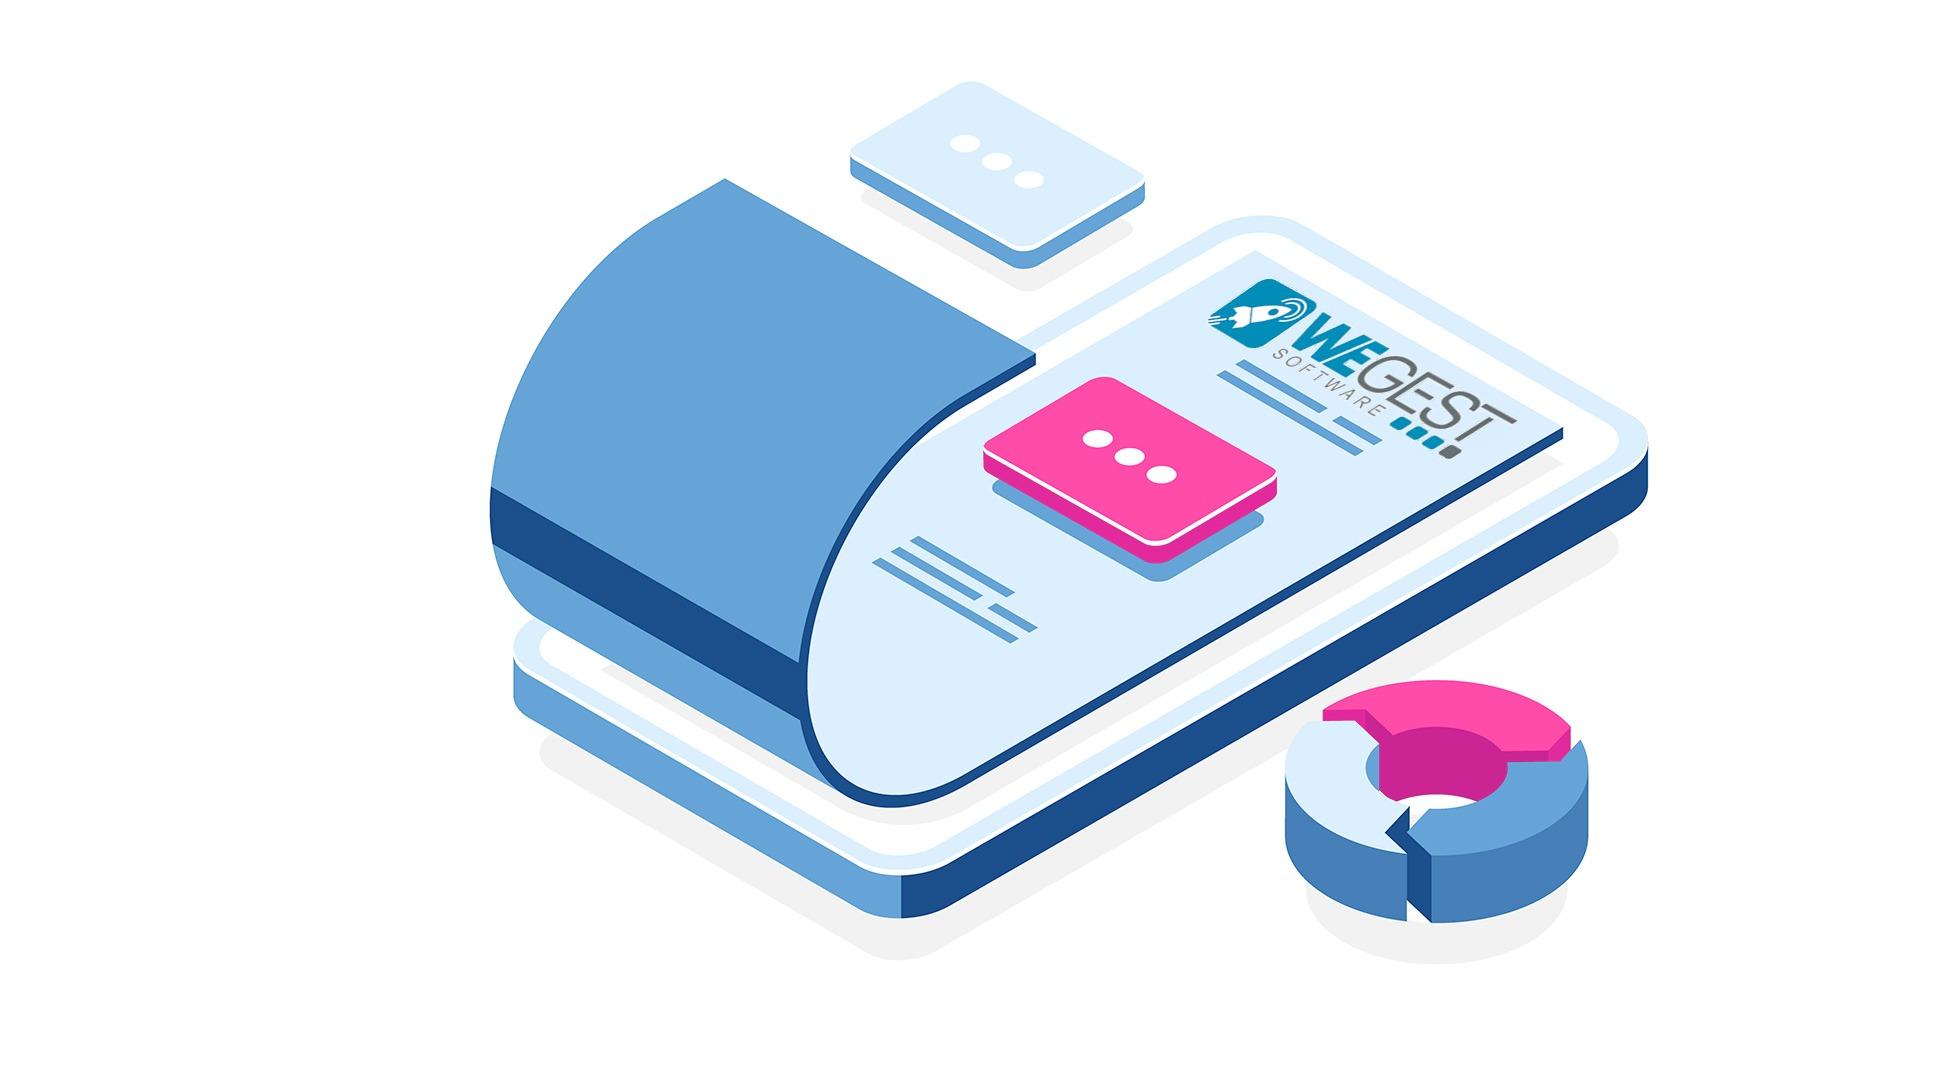 Una App per i corrispettivi elettronici?